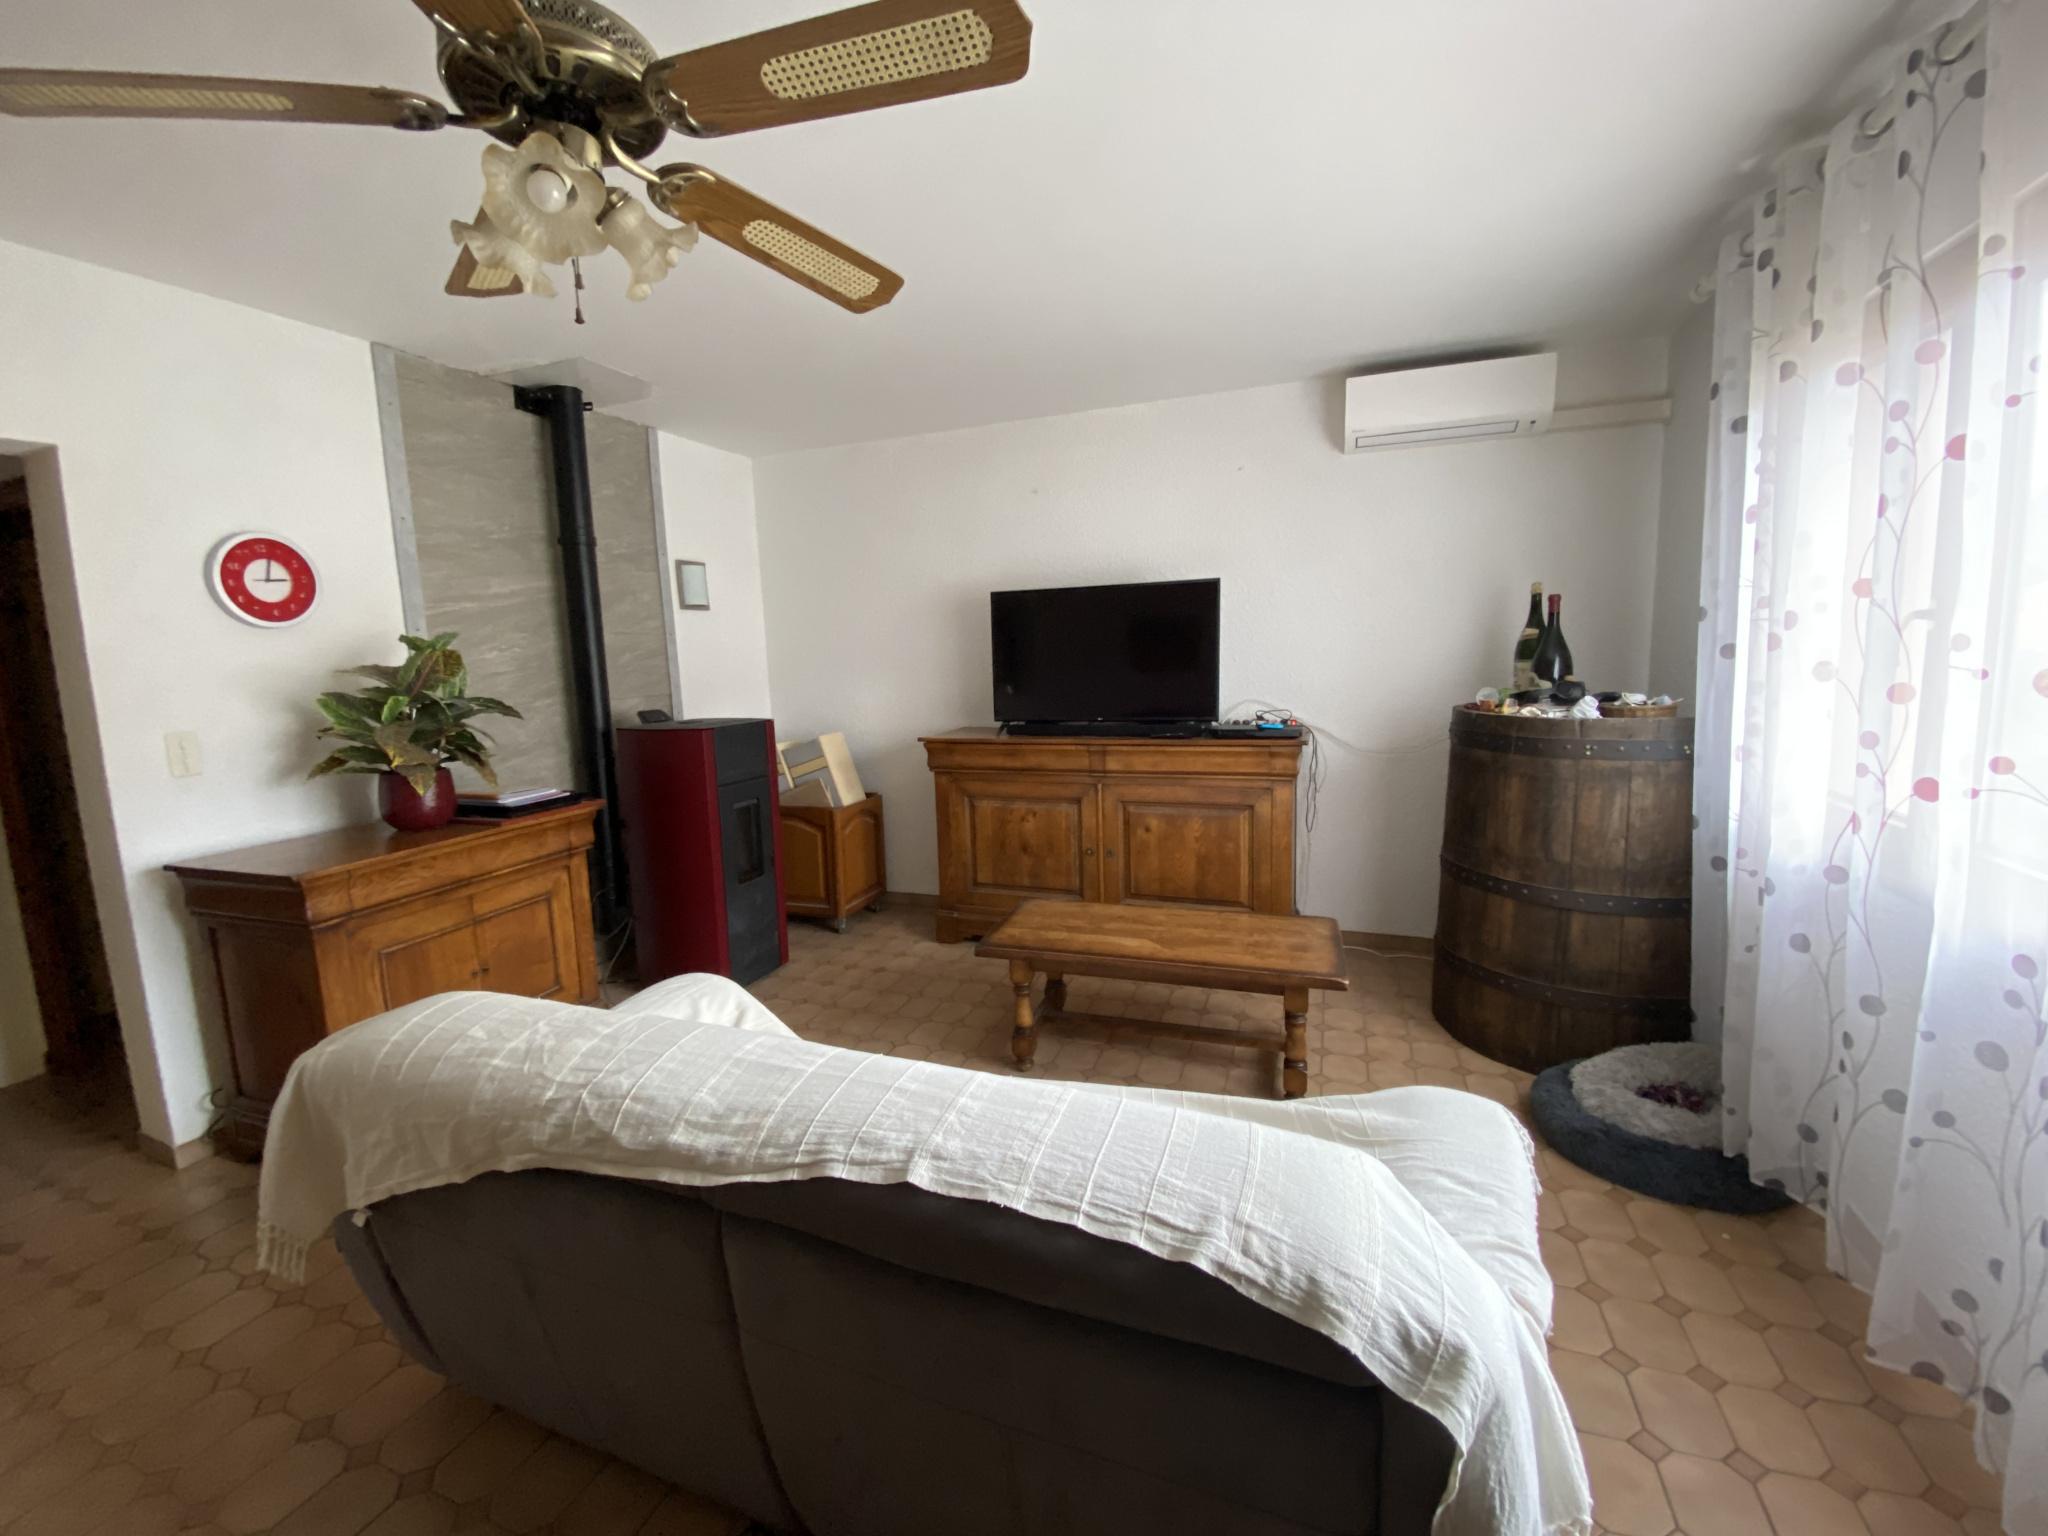 À vendre maison/villa de 90m2 à st genis des fontaines (66740) - Photo 2'